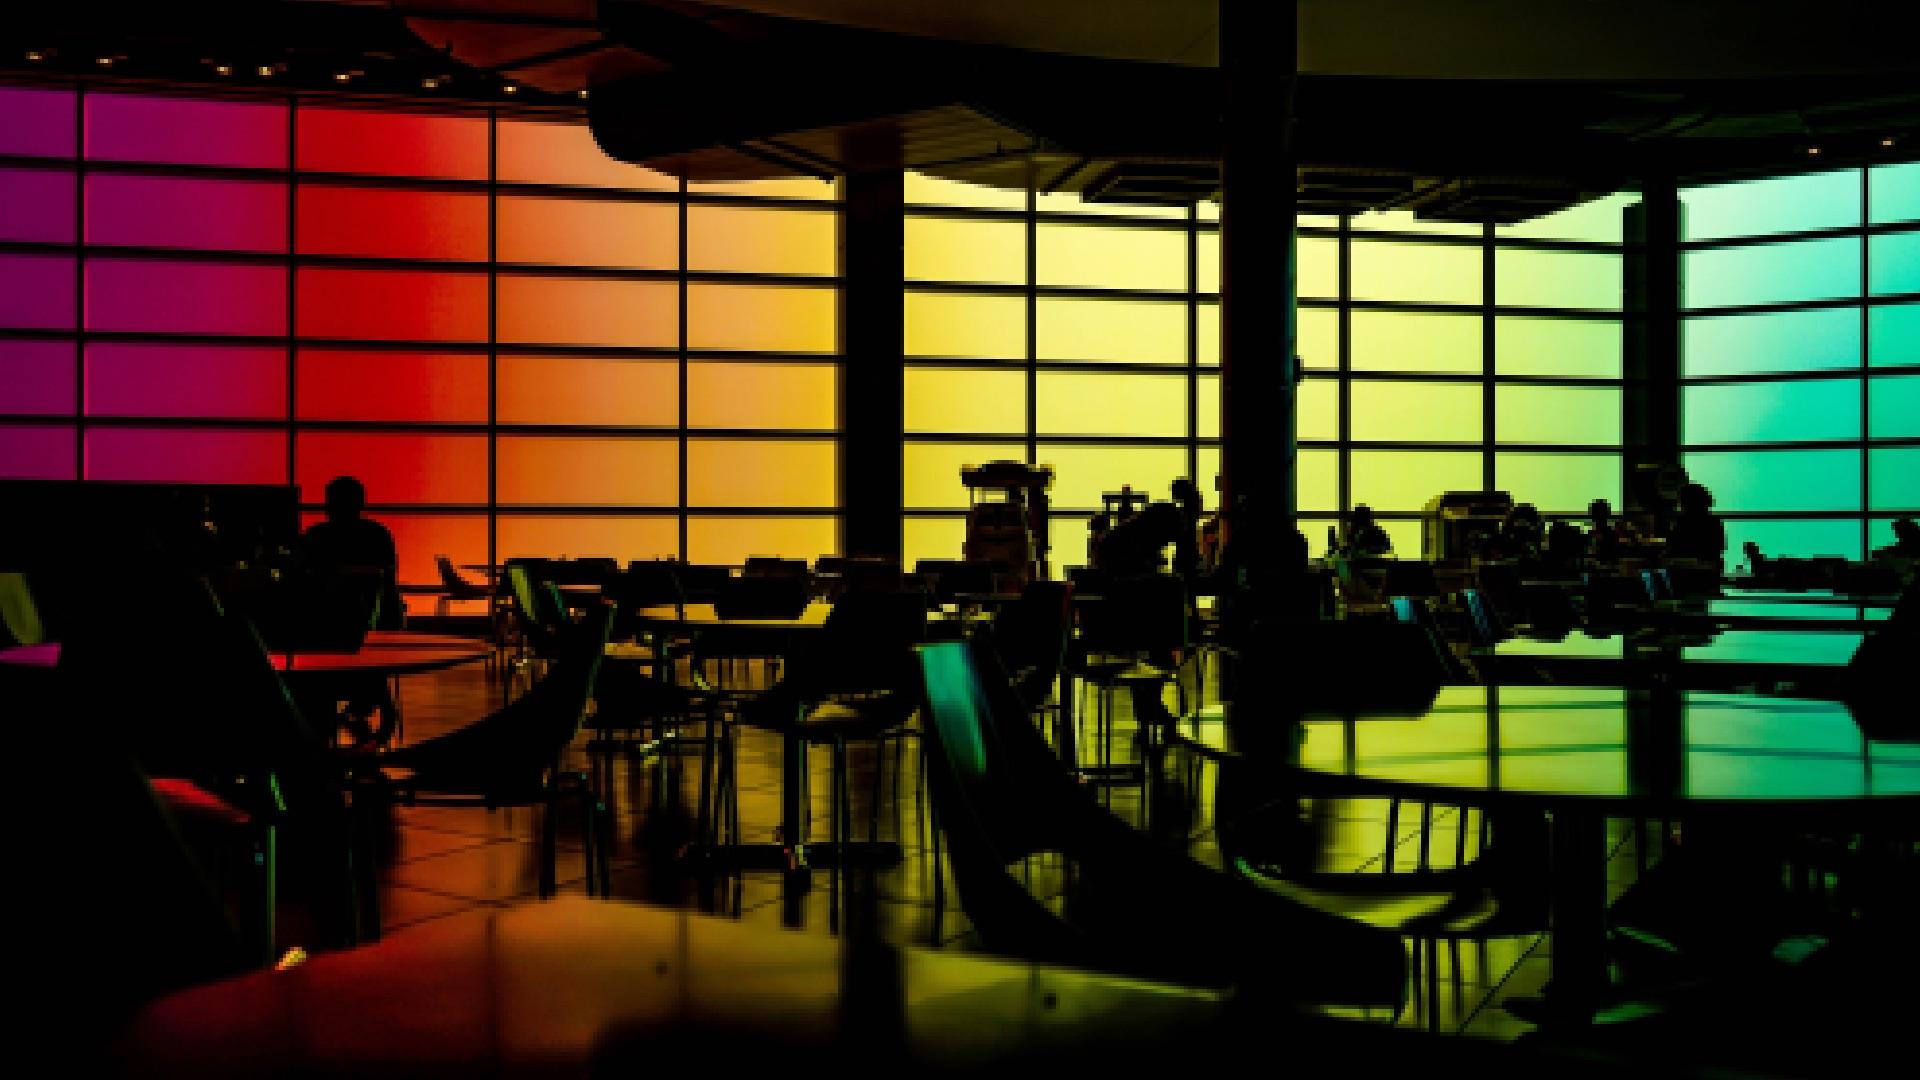 بررسی تاثیرات انواع نورپردازی های مختلف